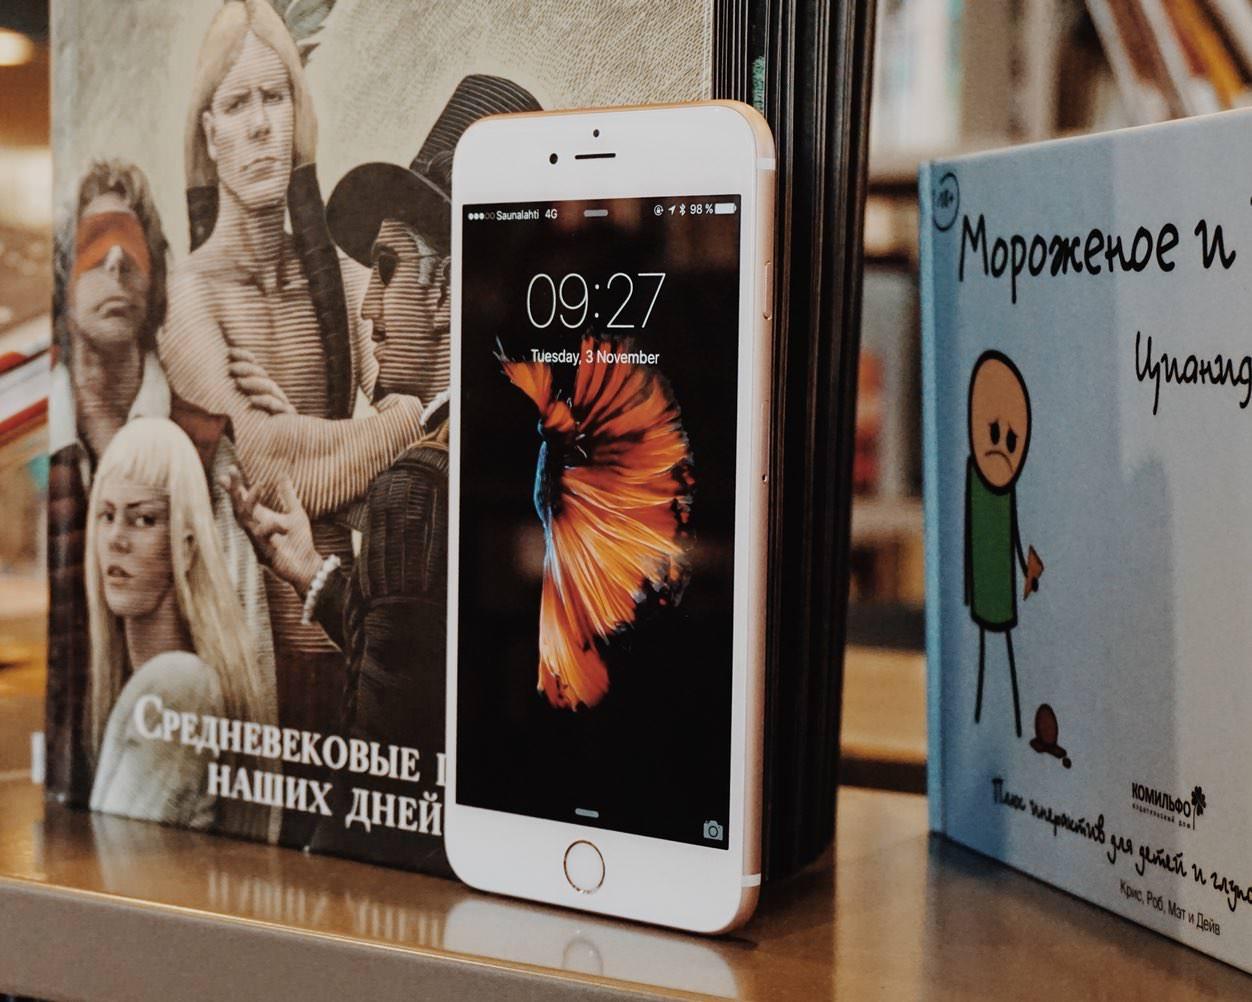 IPhoneBlog de iPhone 6s 1